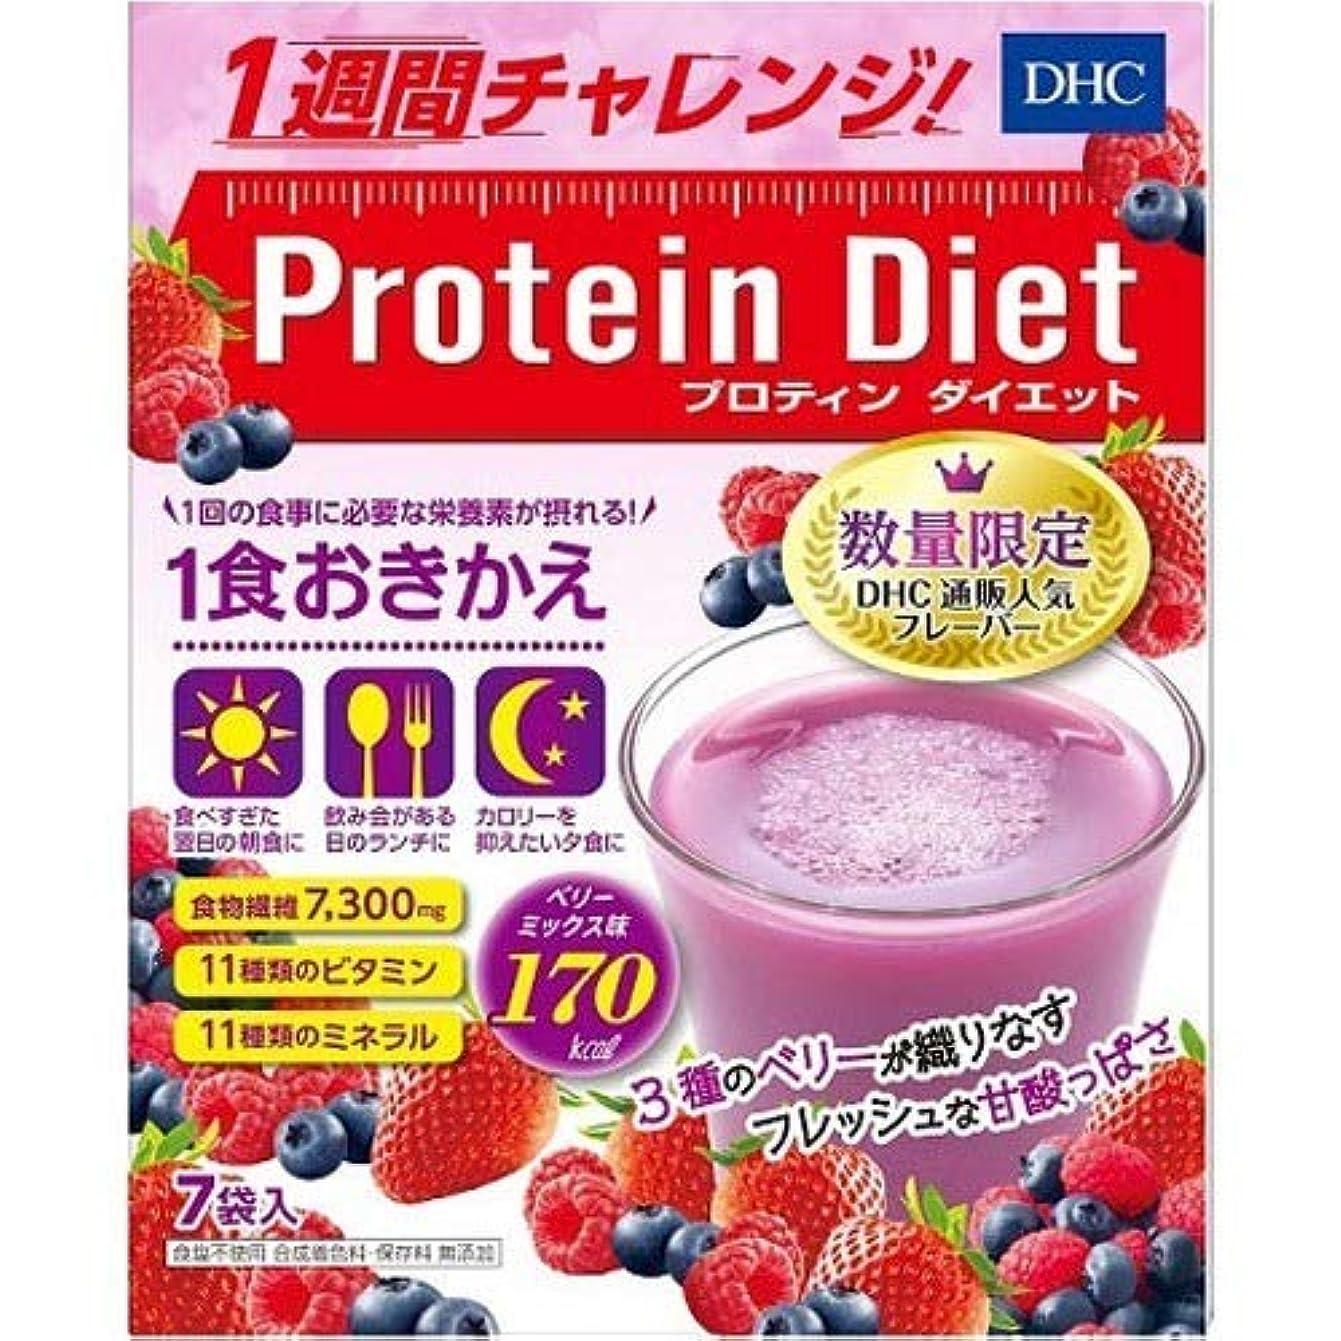 薬用淡い極めてDHC プロティンダイエット ベリーミックス味 7袋